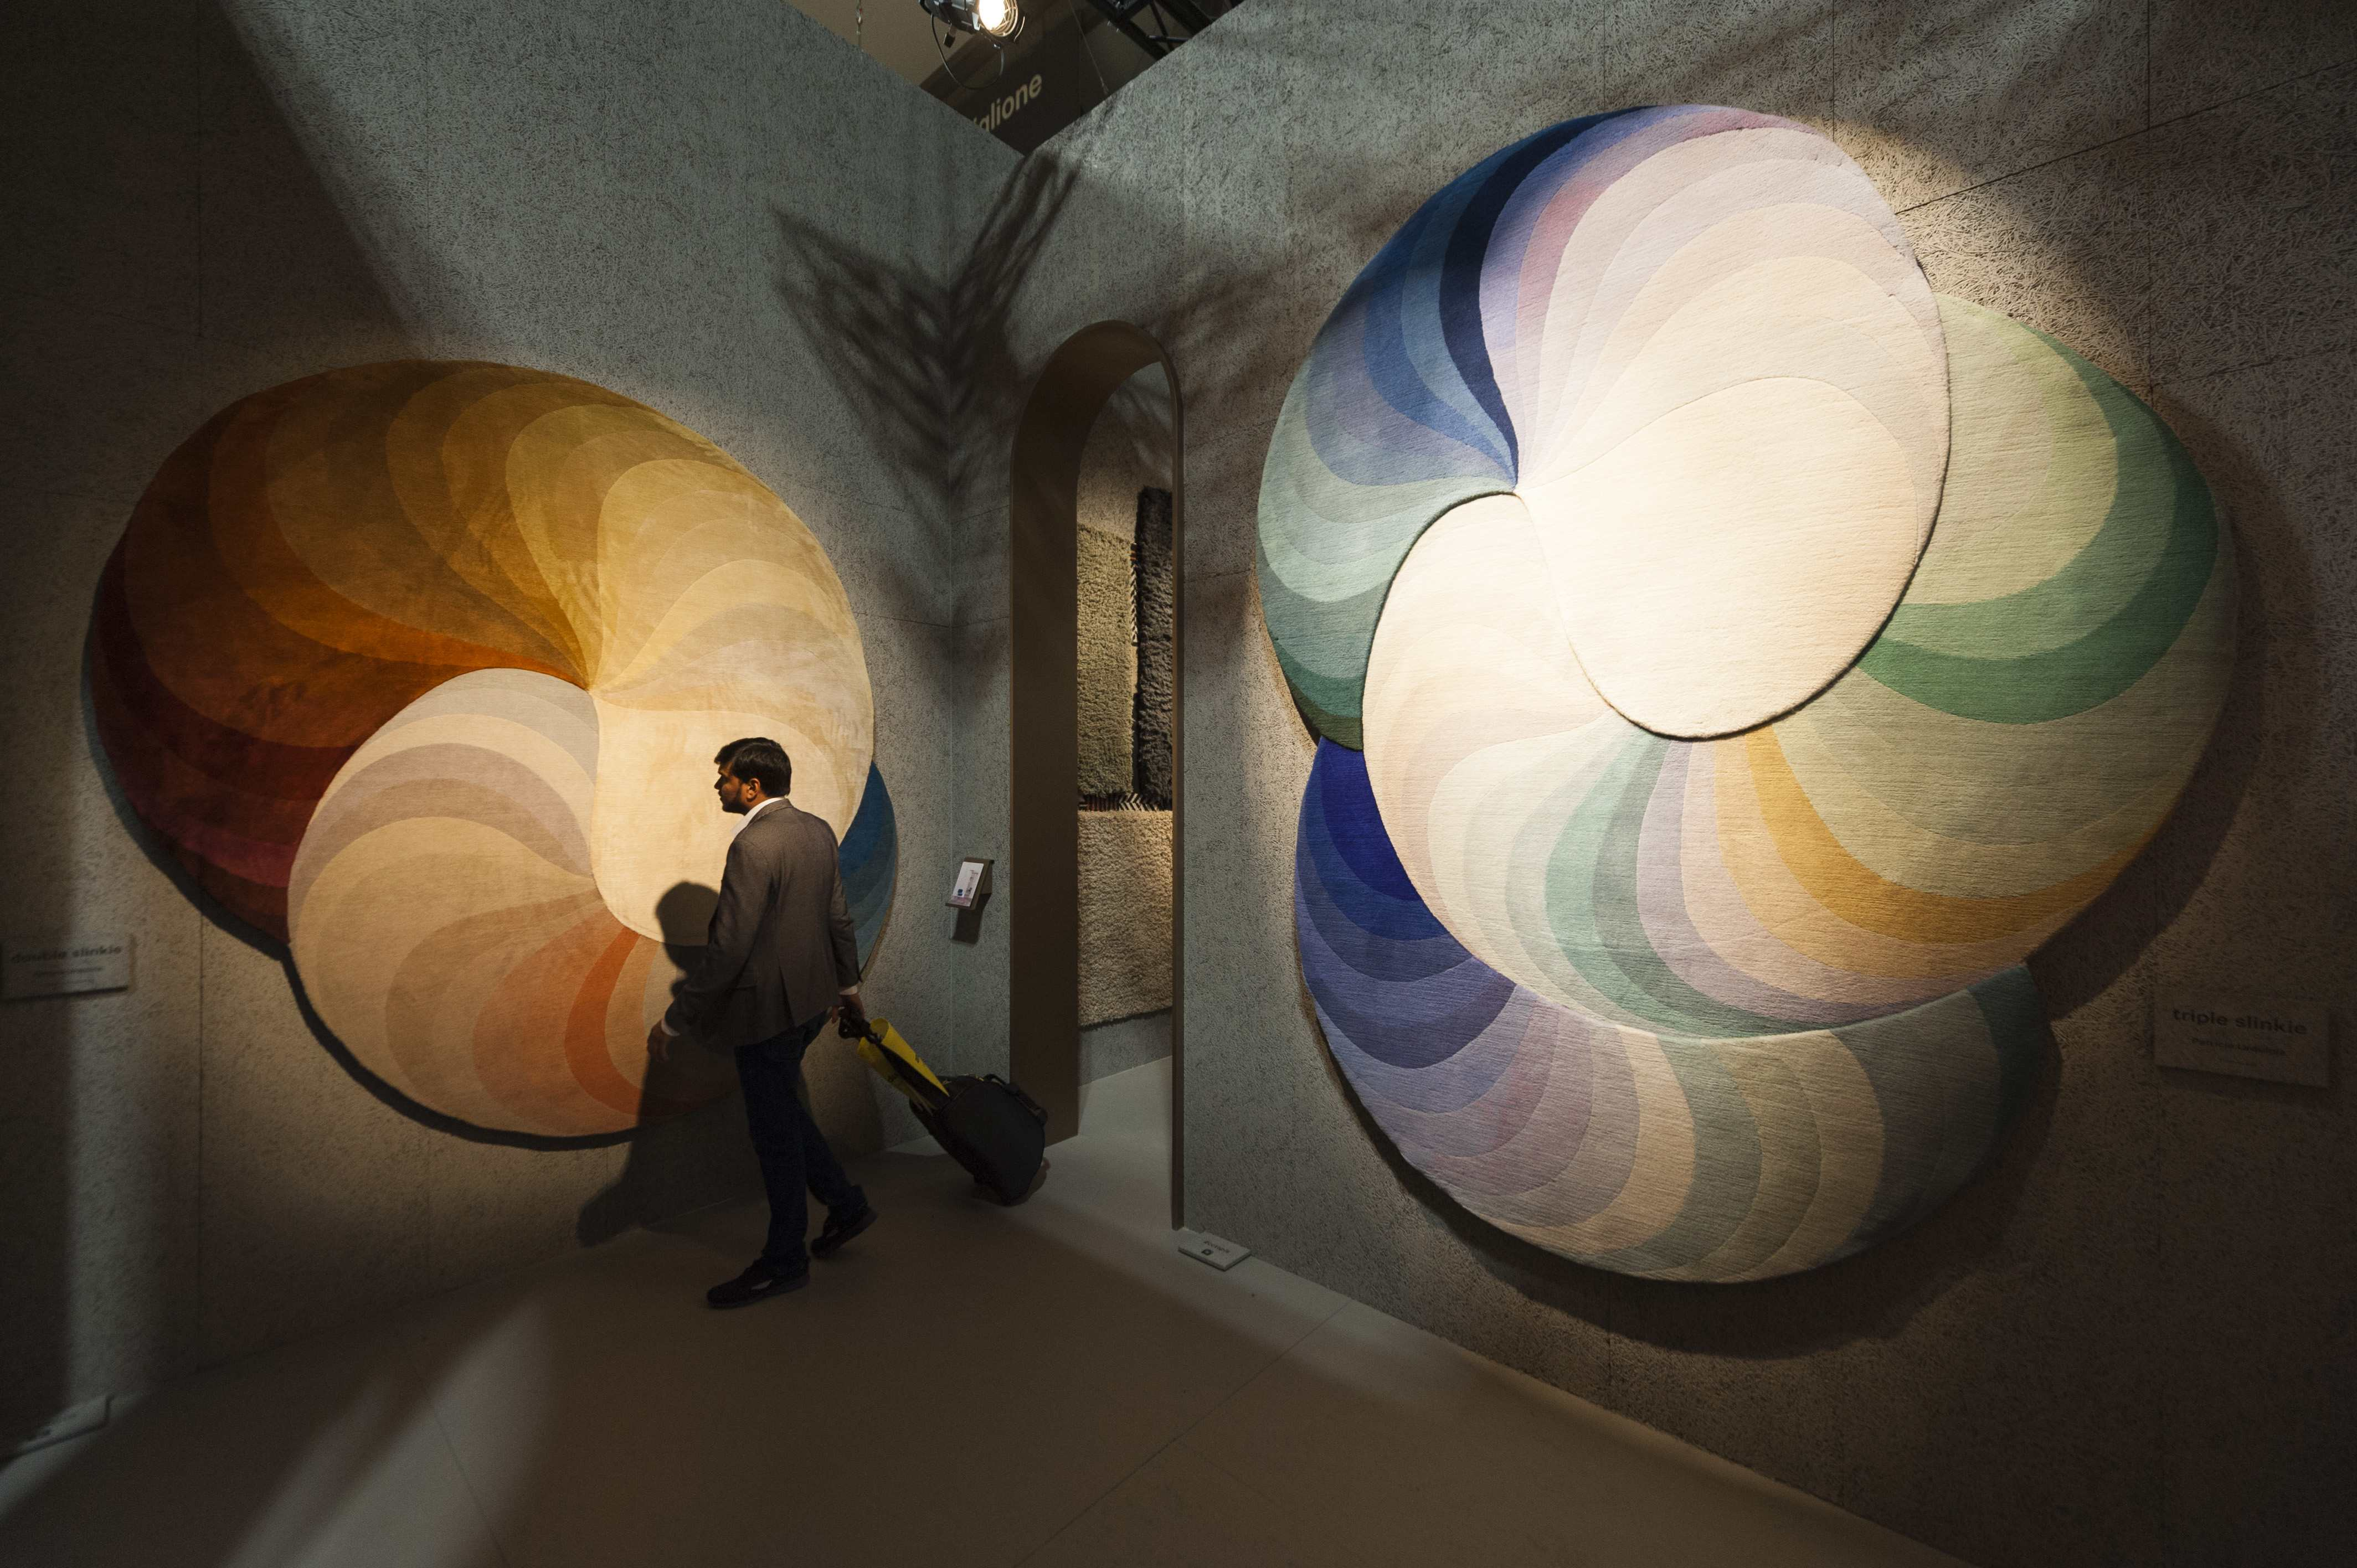 CC-TAPIS Gewinner des Salone del Mobile.Milano Award 2018 2 PHOTO Alessandro Russotti